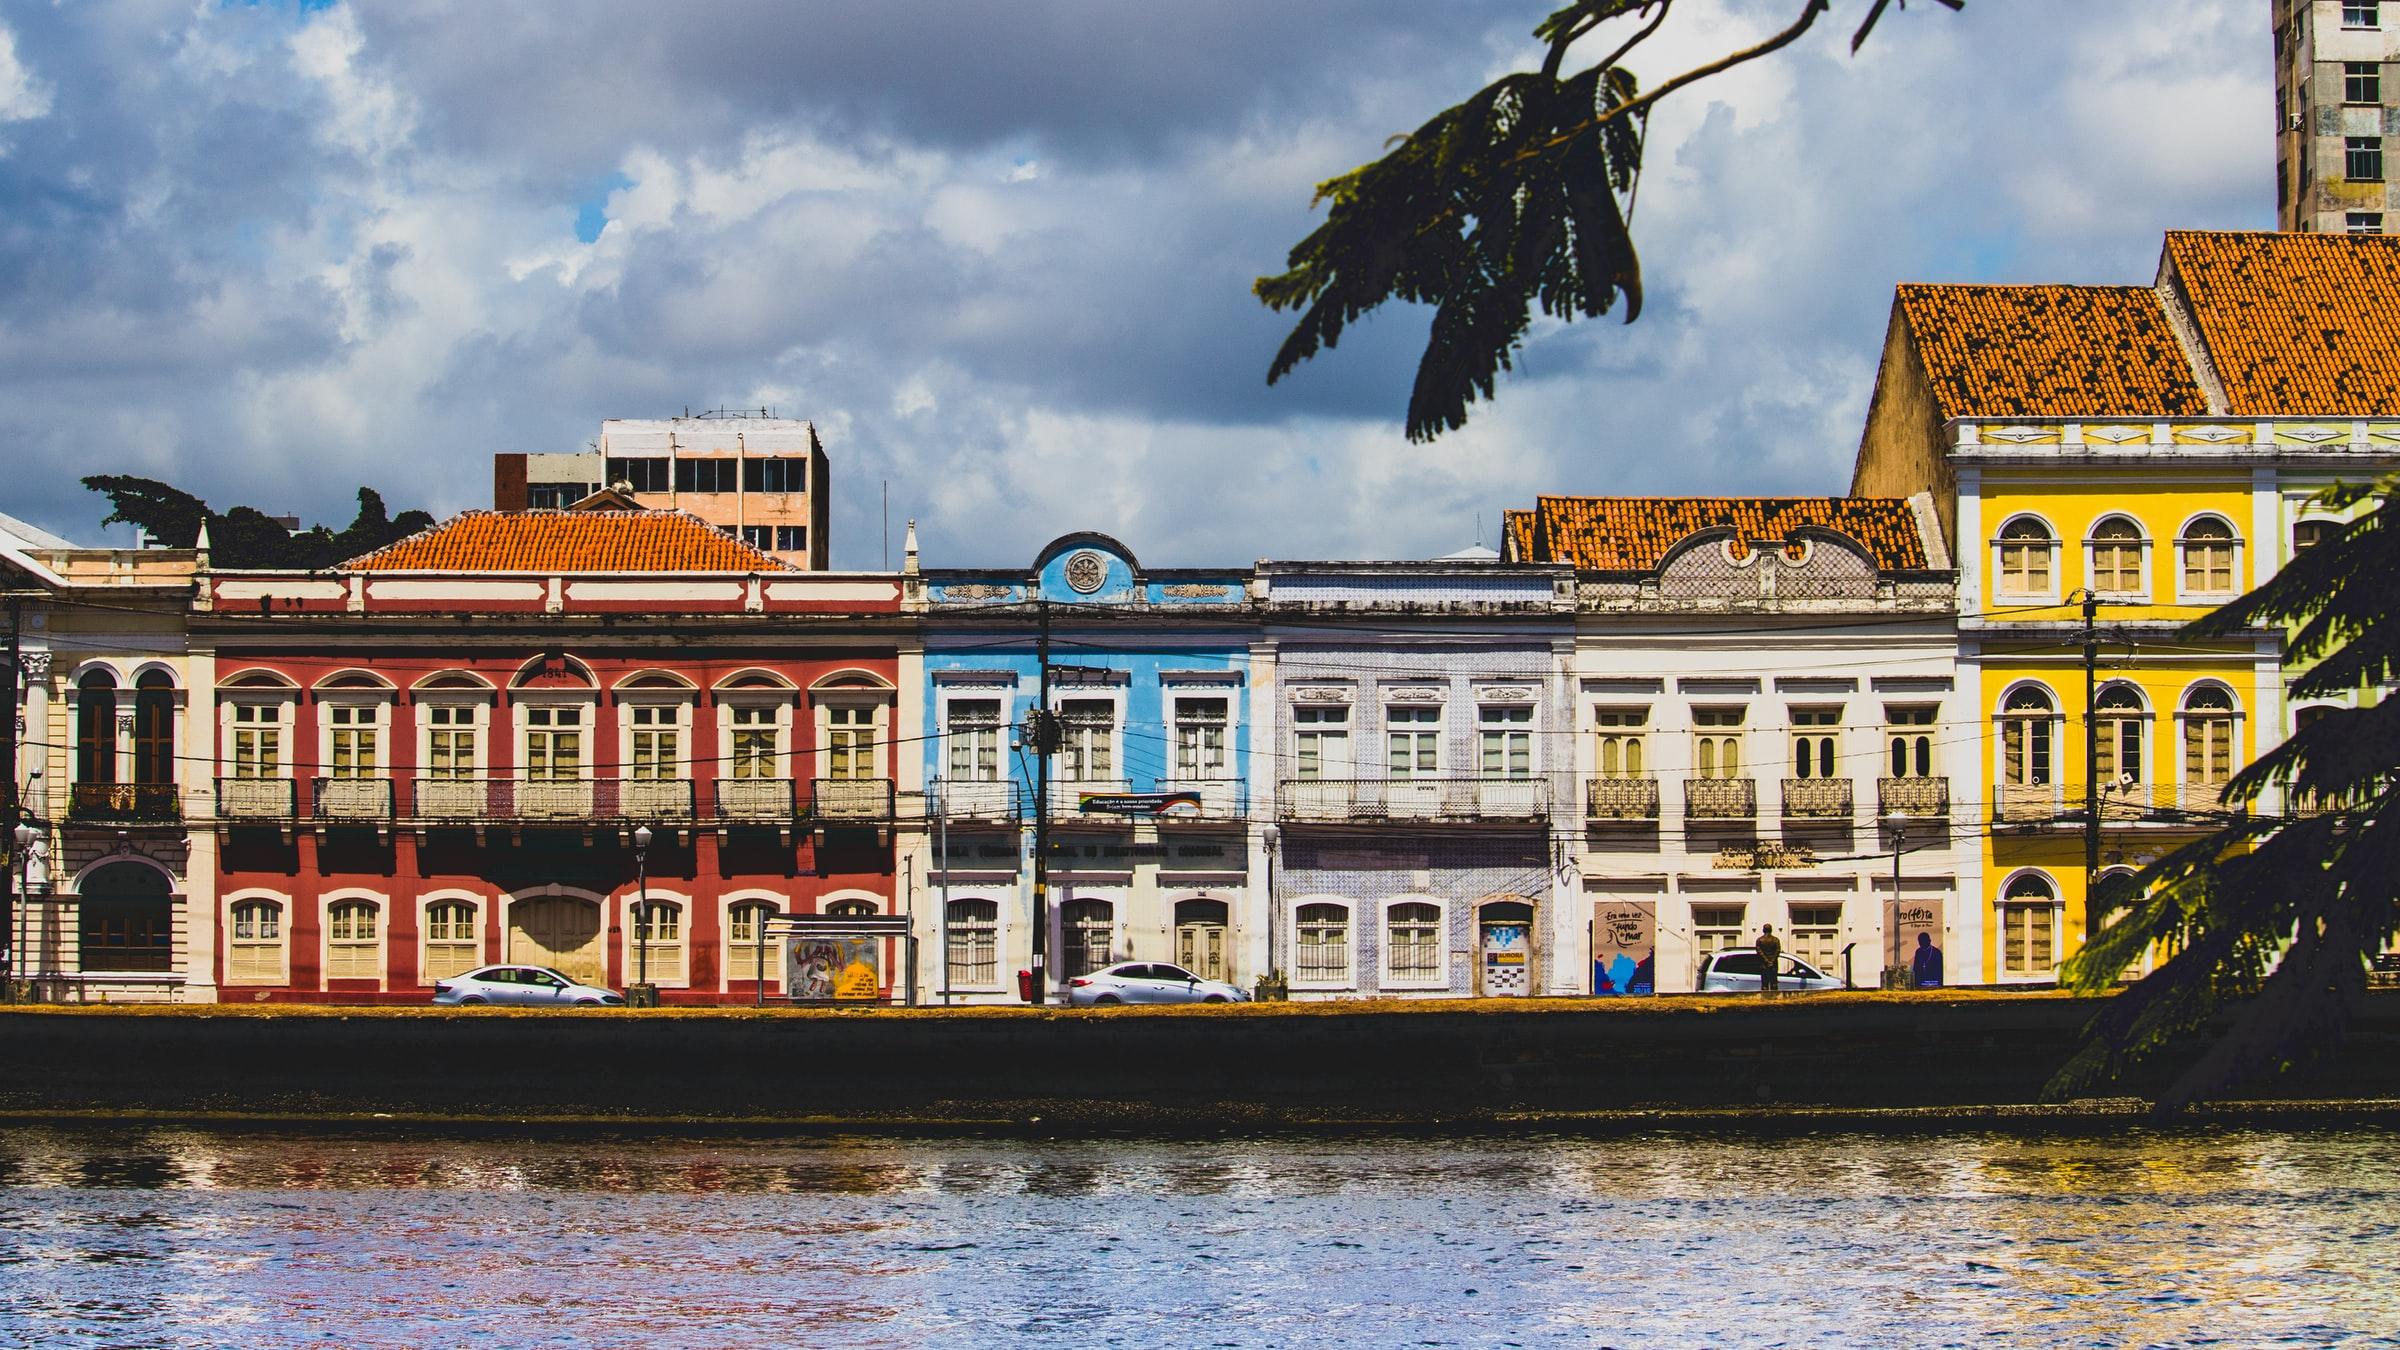 Casas coloridas da Rua da Aurora em Recife, com de frente para o canal.